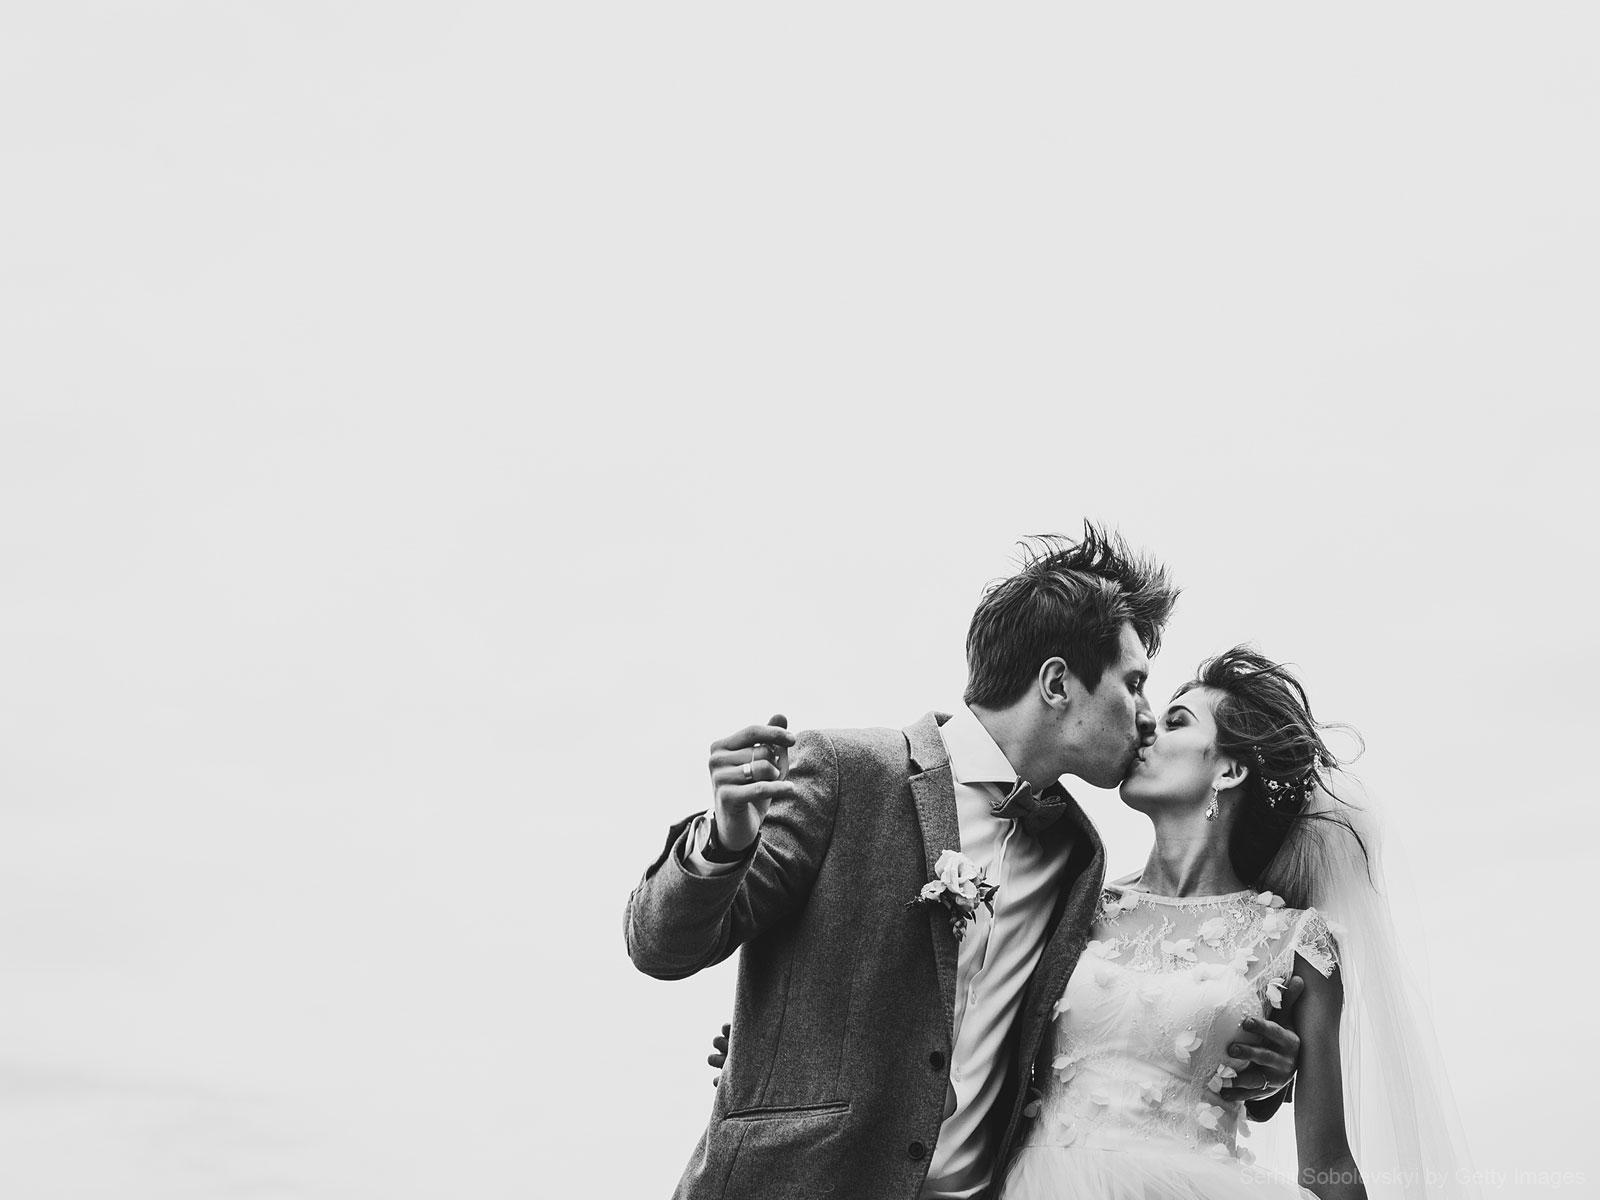 1600x1200-Como-chegar-à-maturidade-sexual-no-casamento